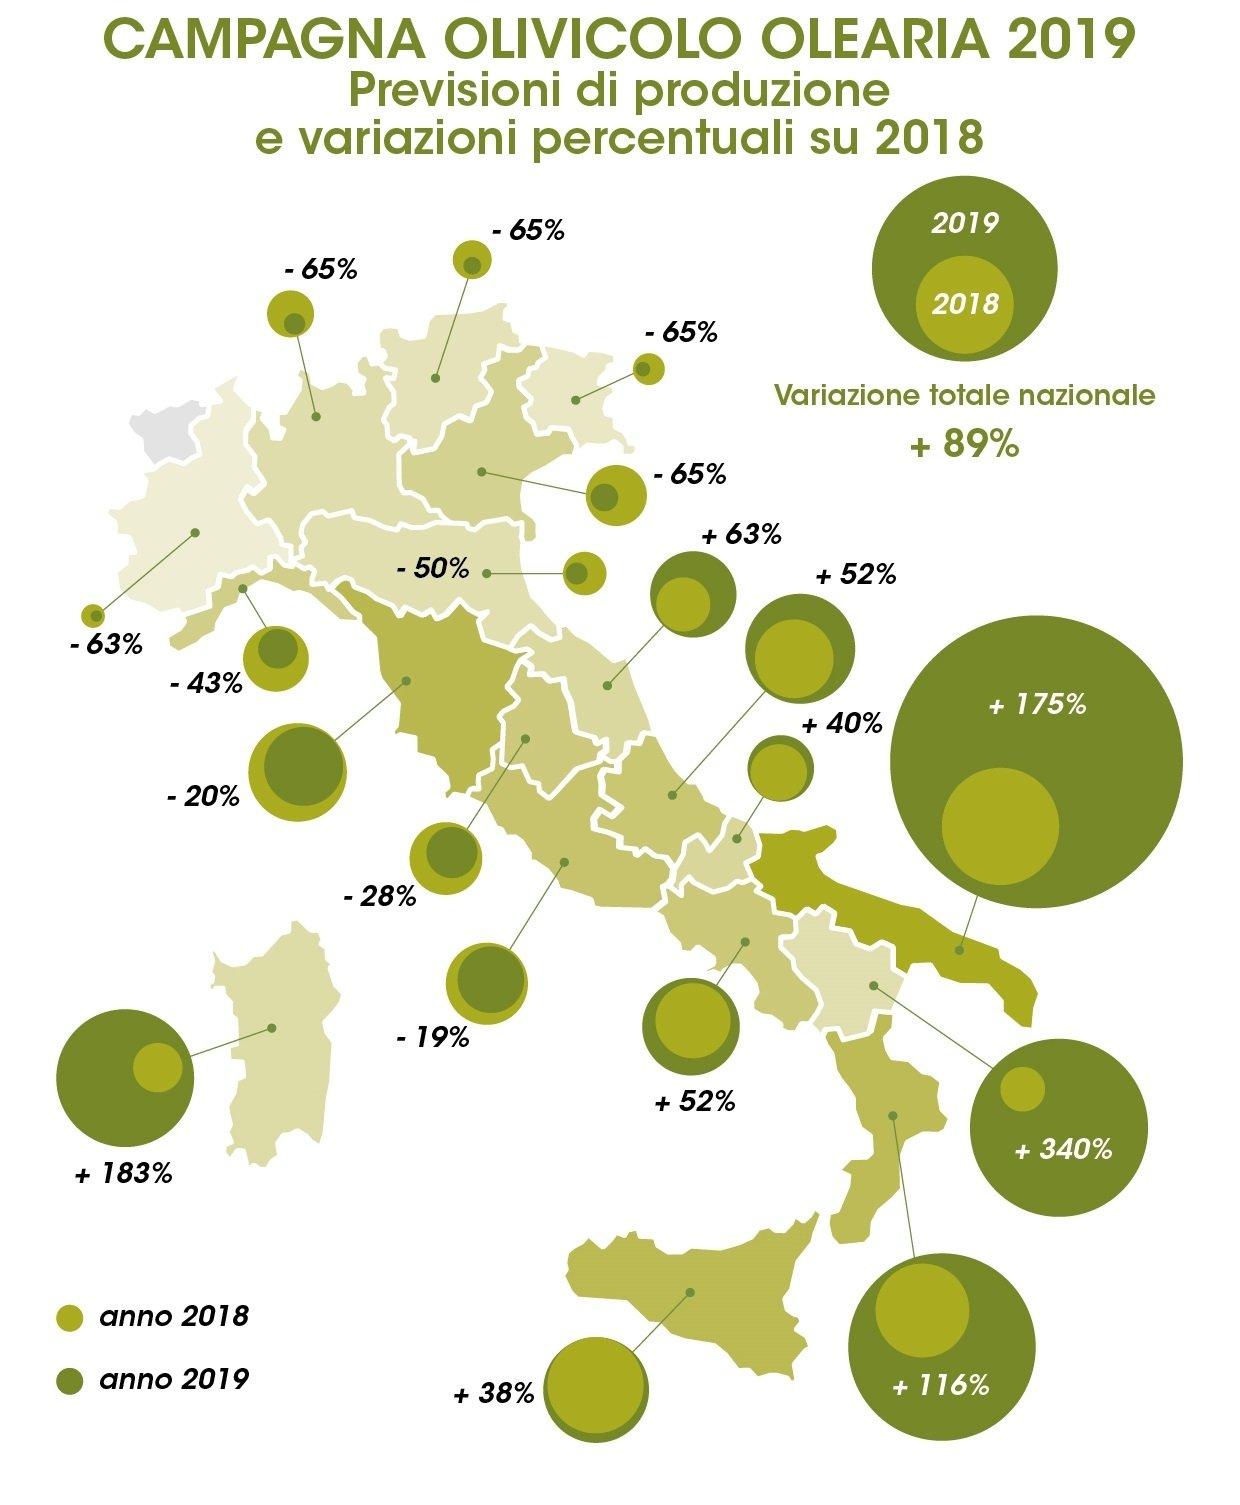 Olivagione 2019, per la Cia è l'anno del riscatto: + 89%